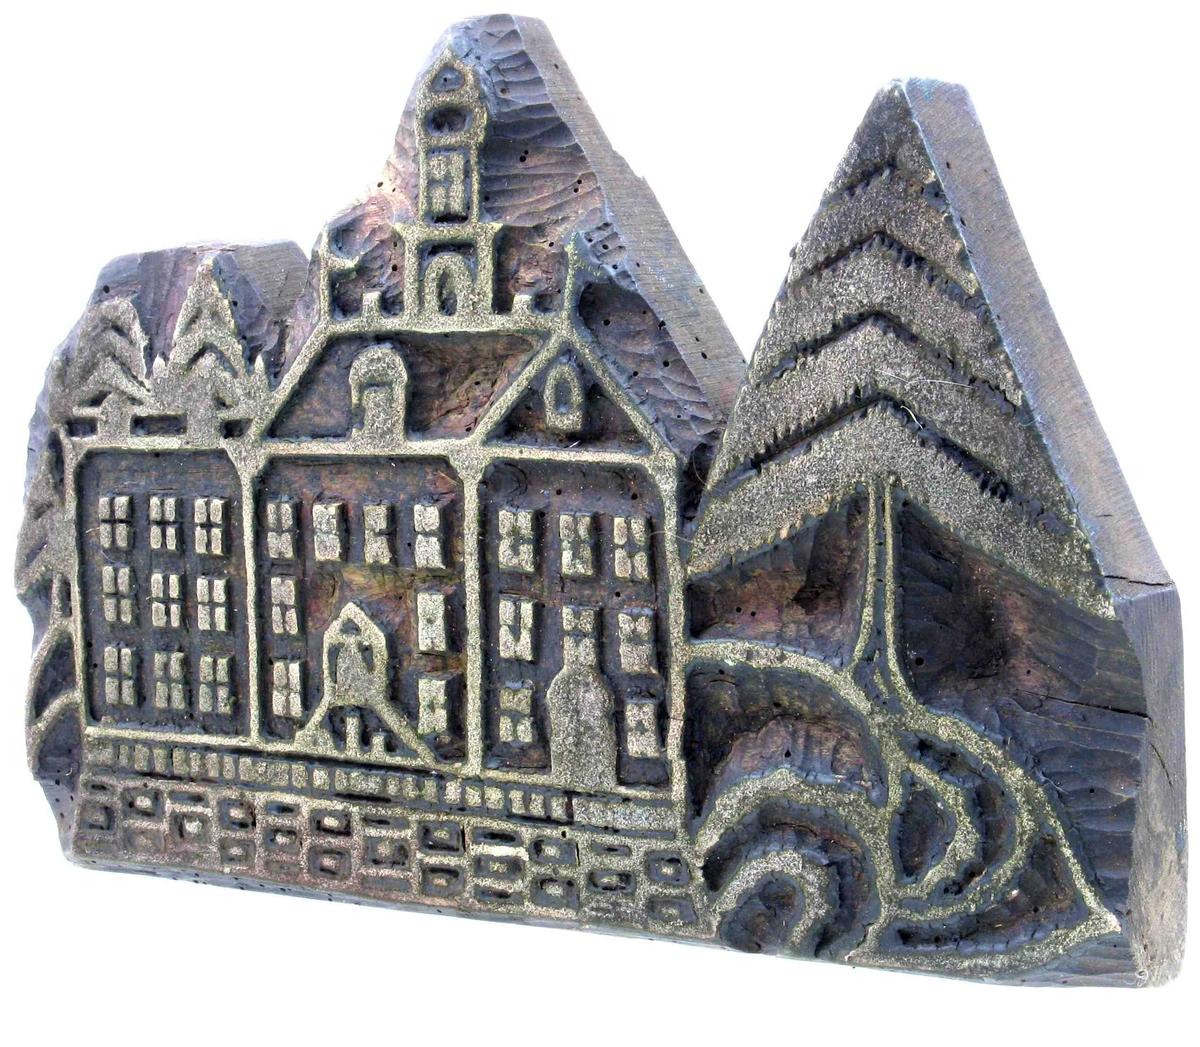 Slott med valmtak, fløyer og tårn,  tre etasjer, med portal med trapp, på terrasse,  omgitt av grantrær. Dansk 1700 tallsarkitektur.   Naiv utformning,